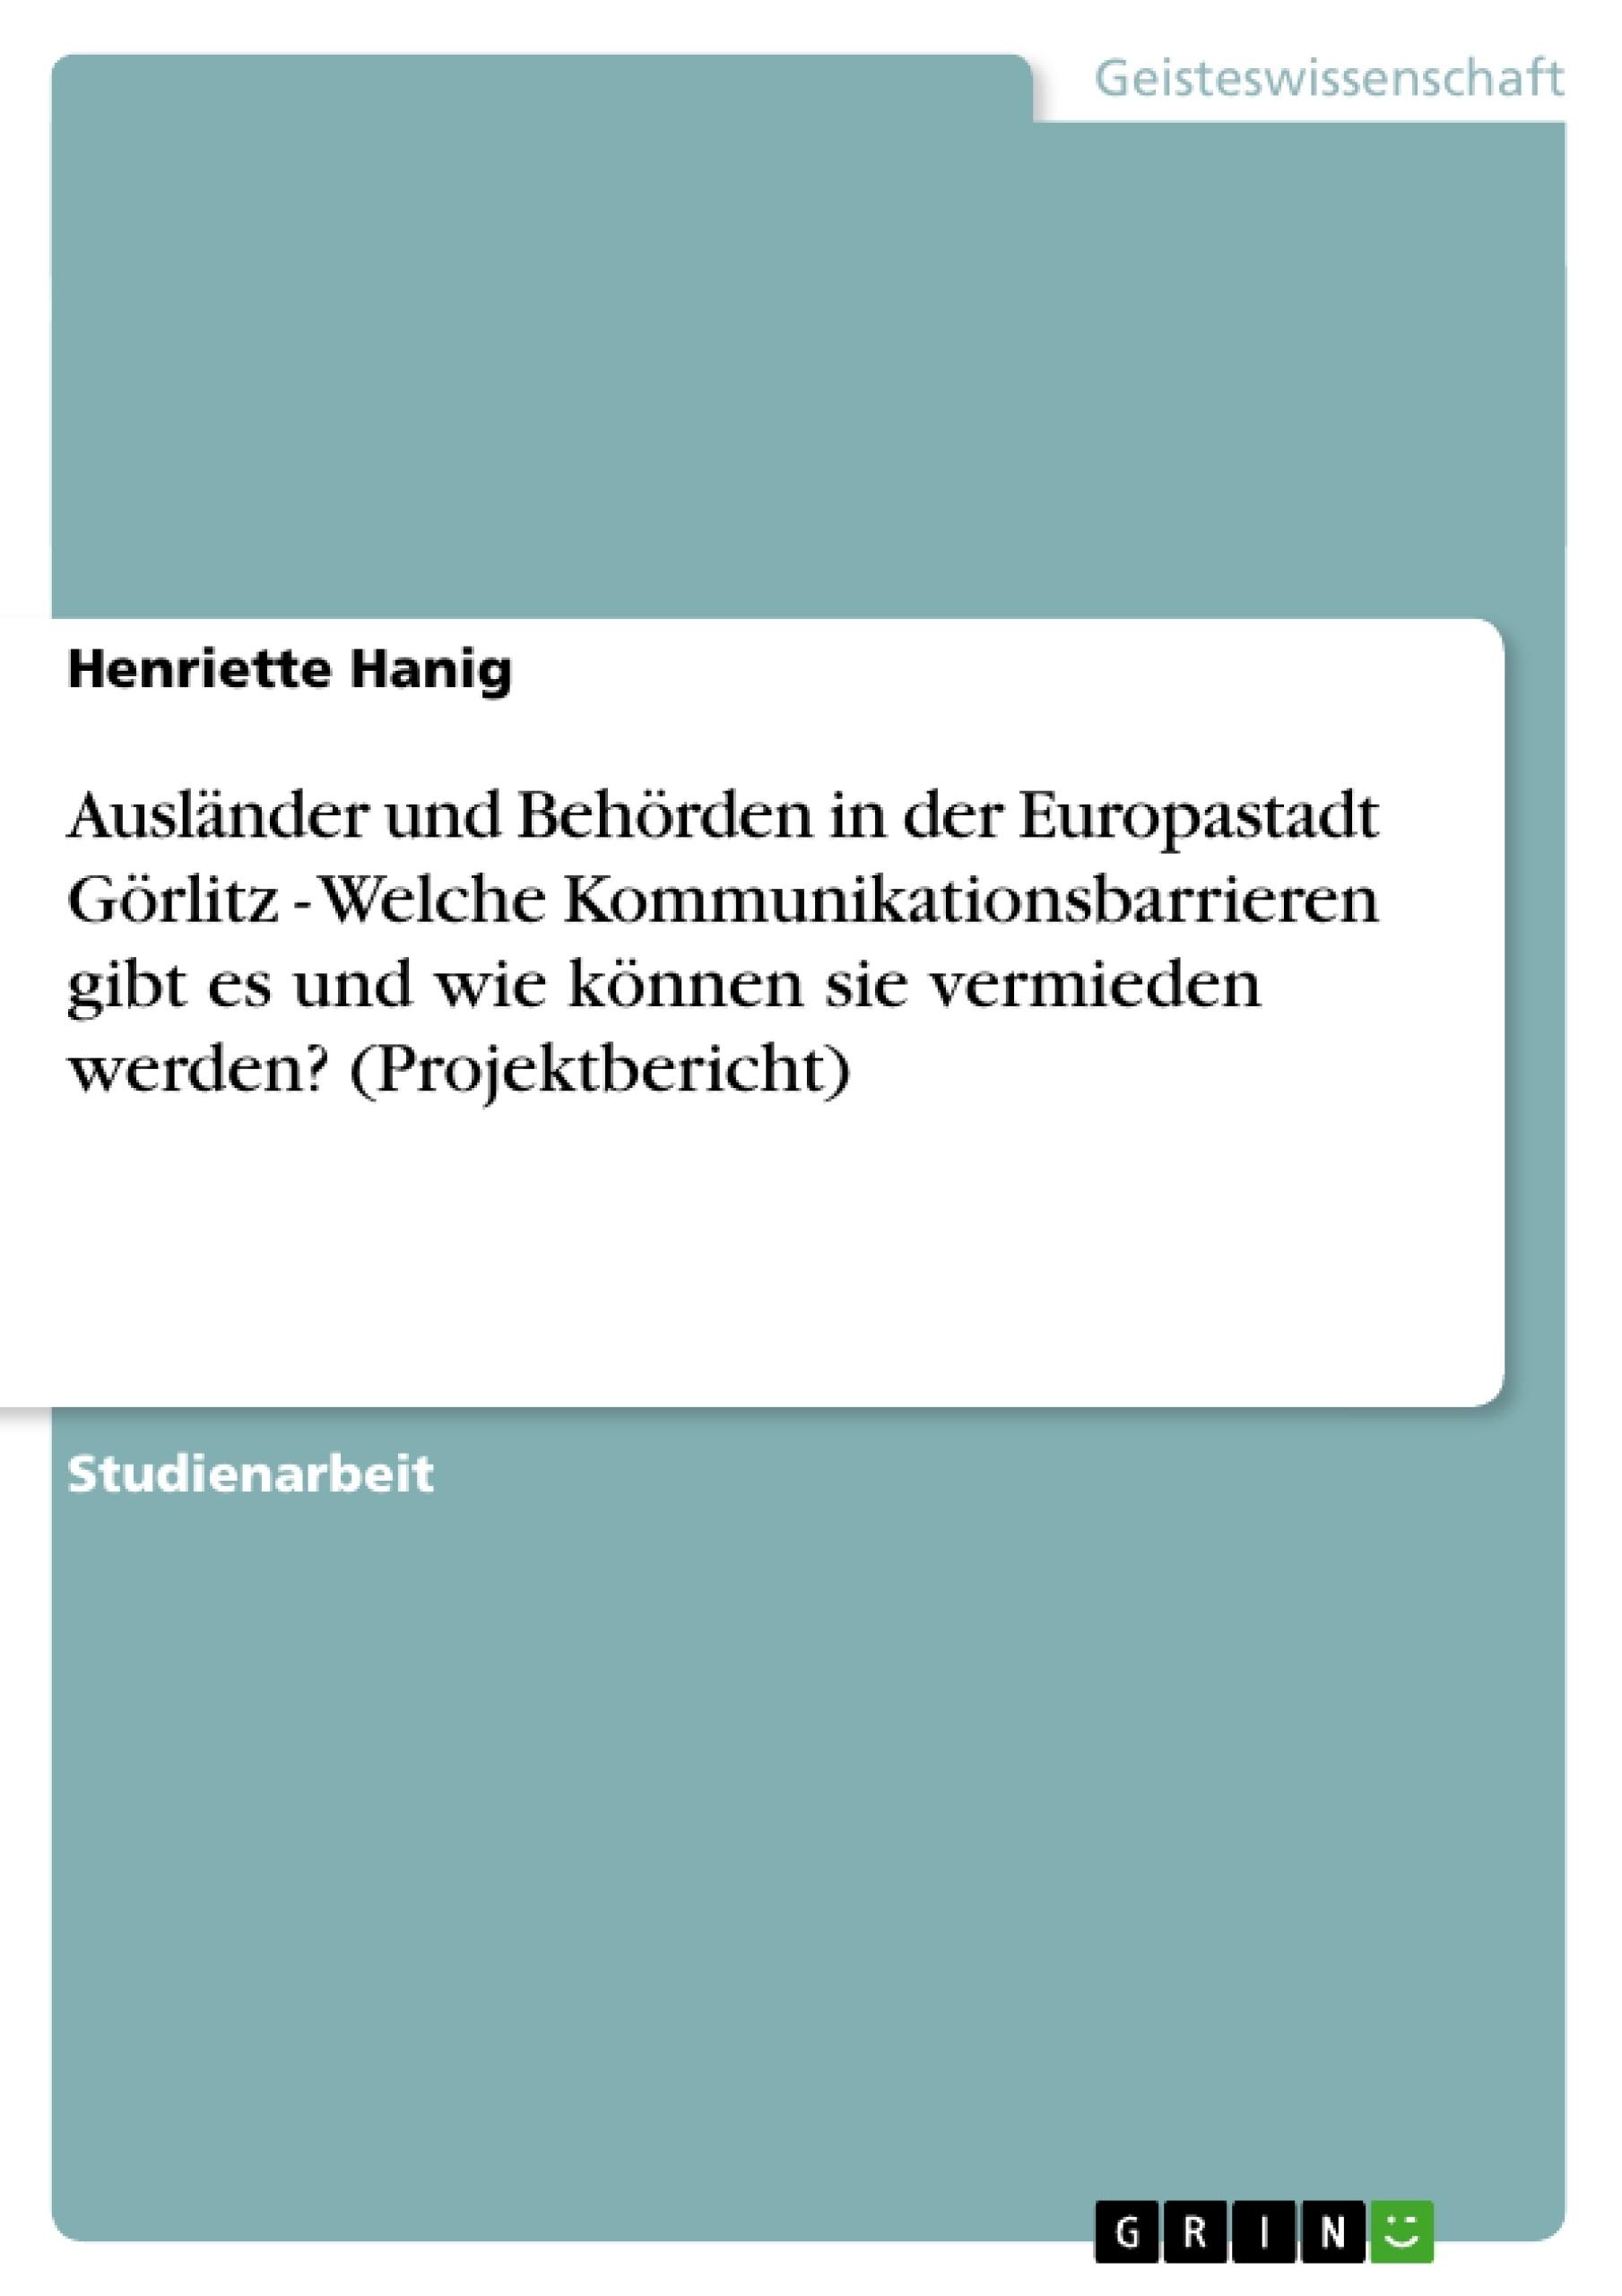 Titel: Ausländer und Behörden in der Europastadt Görlitz - Welche Kommunikationsbarrieren gibt es und wie können sie vermieden werden? (Projektbericht)